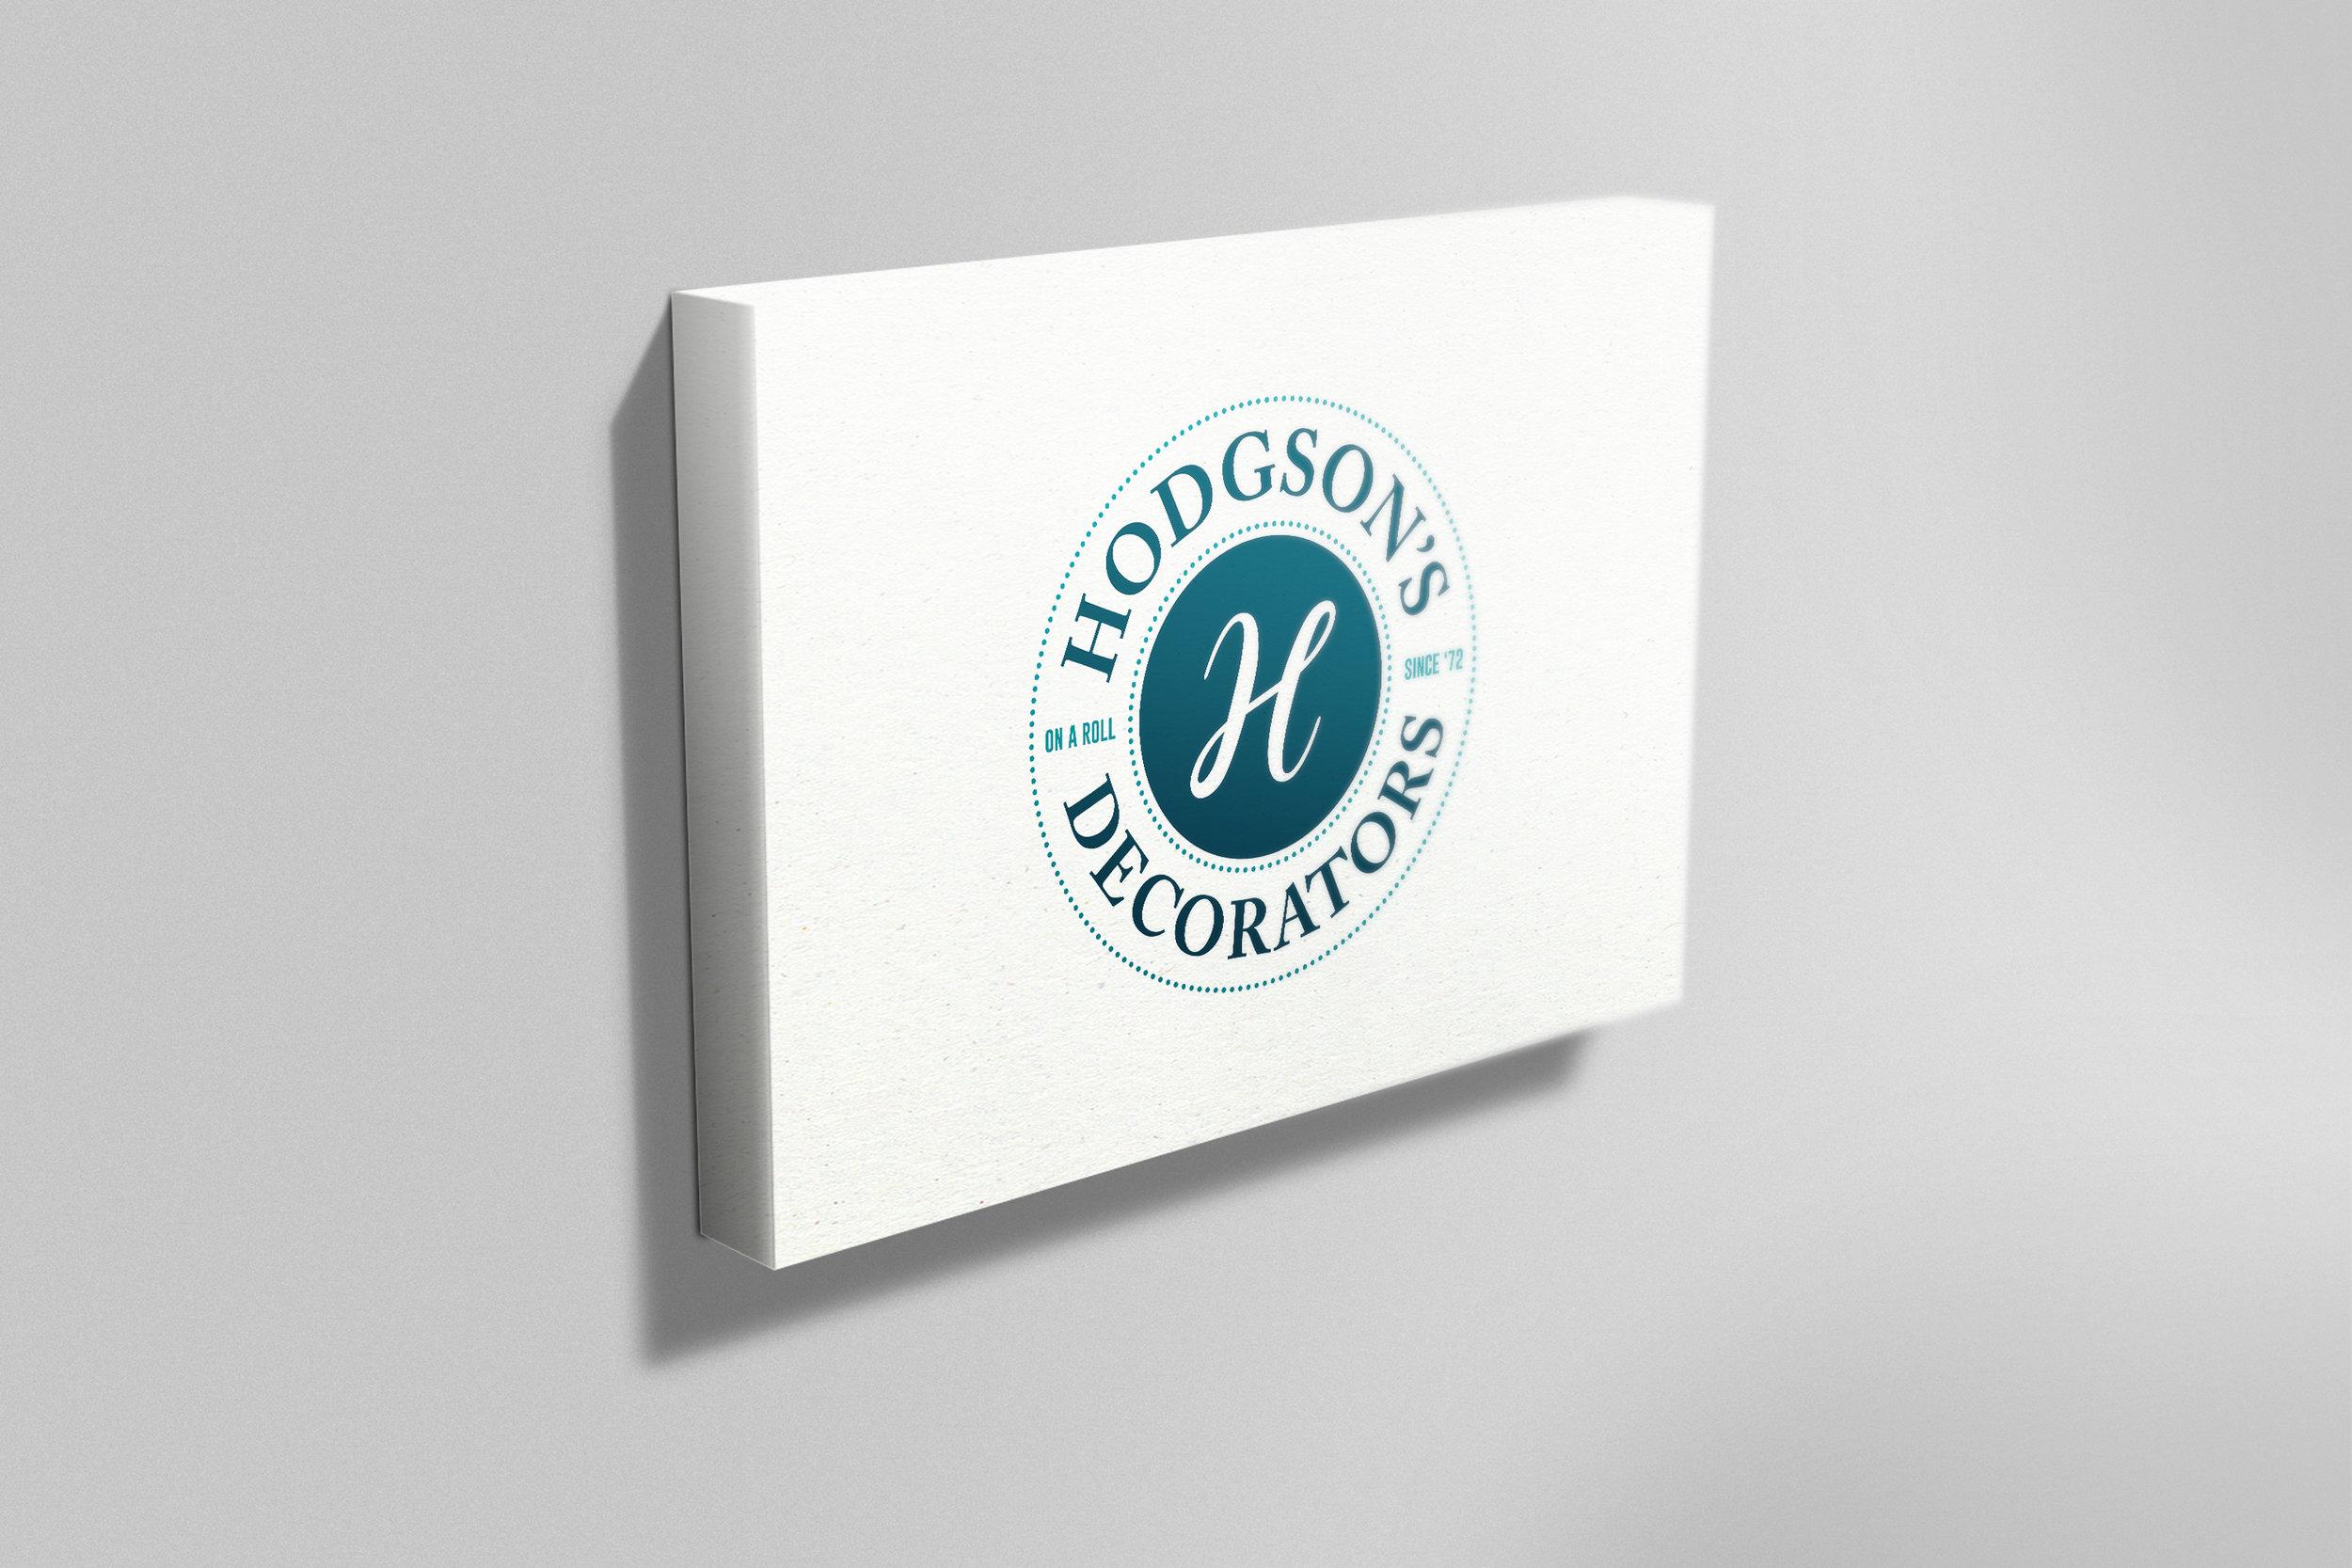 Hodgson_branding.jpg